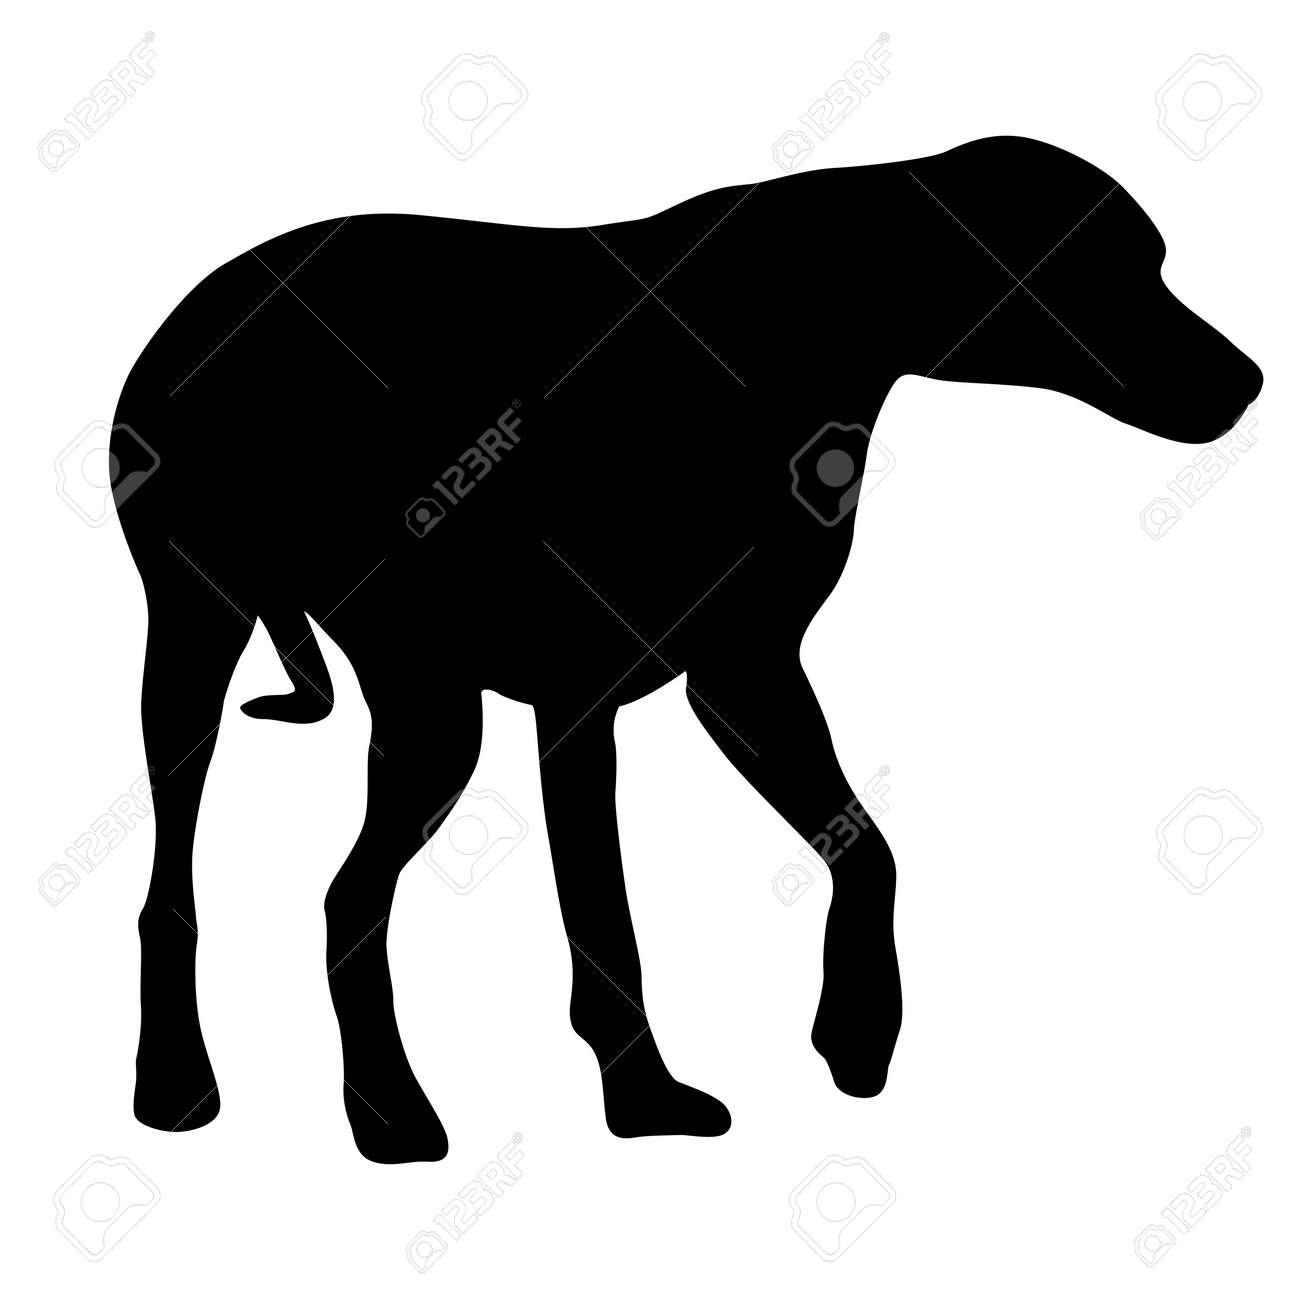 Doberman pinscher dog black silhouette on white background. - 159241404